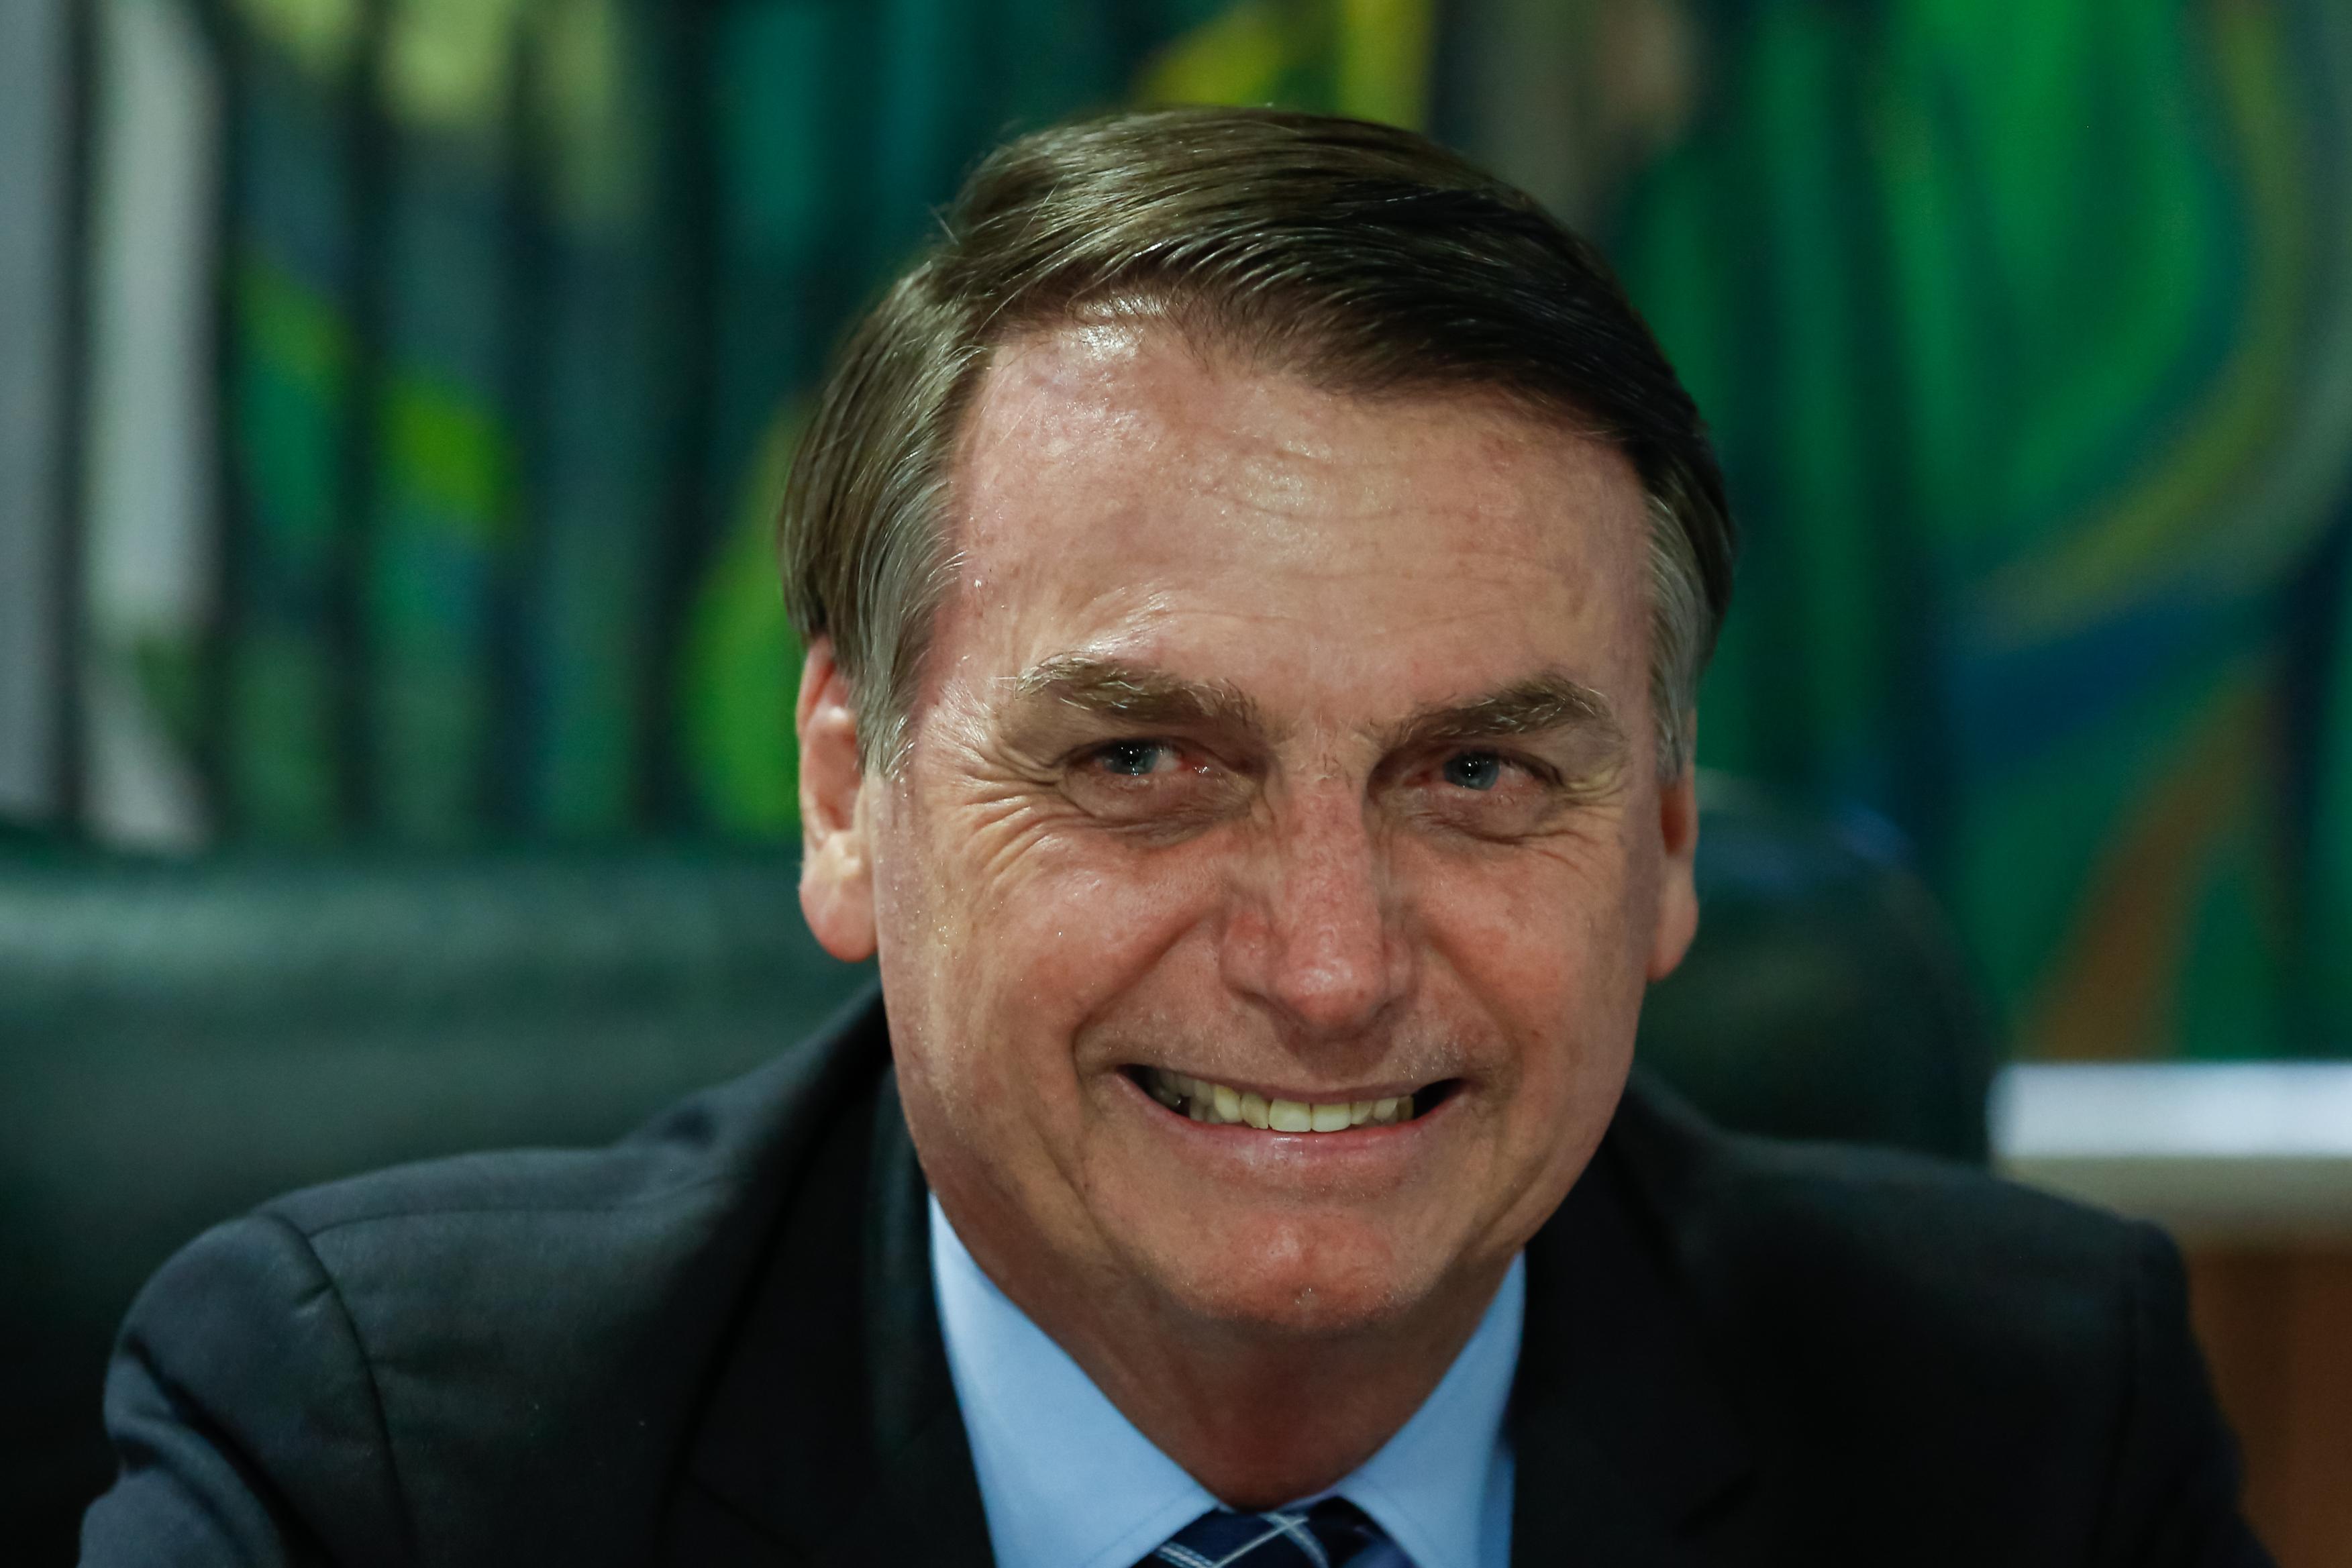 IMAGEM: 'Mais uma grande vitória de nossa diplomacia', comemora Bolsonaro